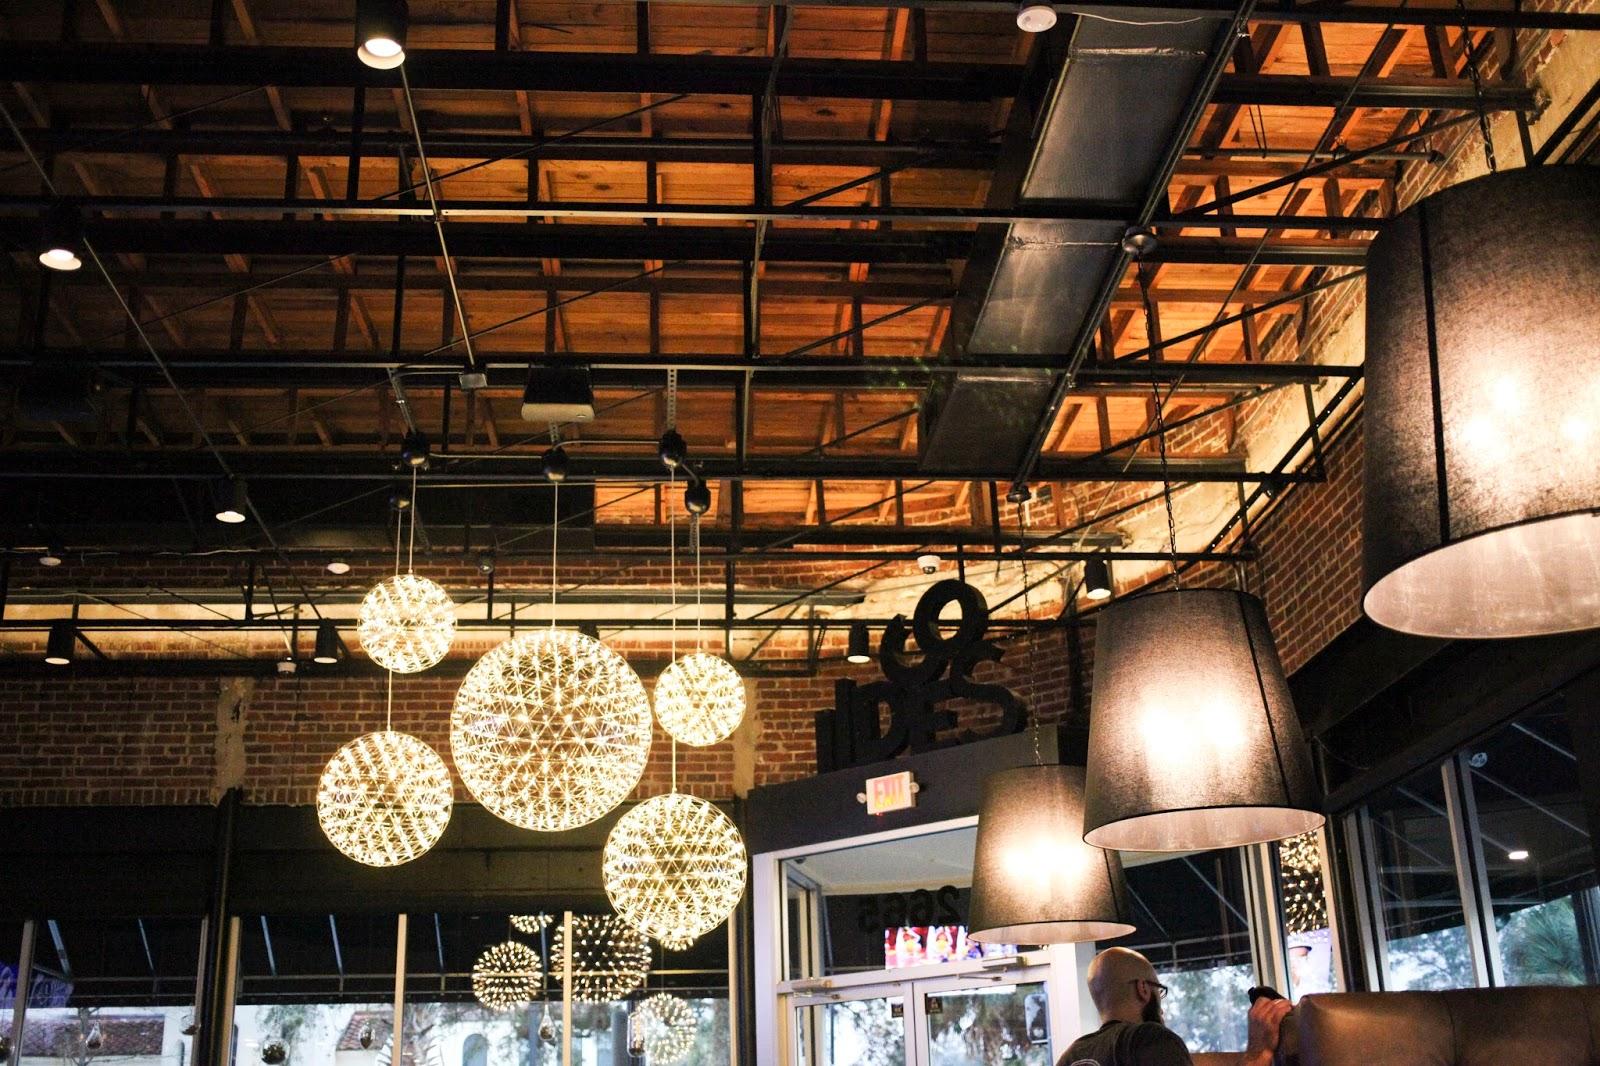 Interior shot of IL DESCO